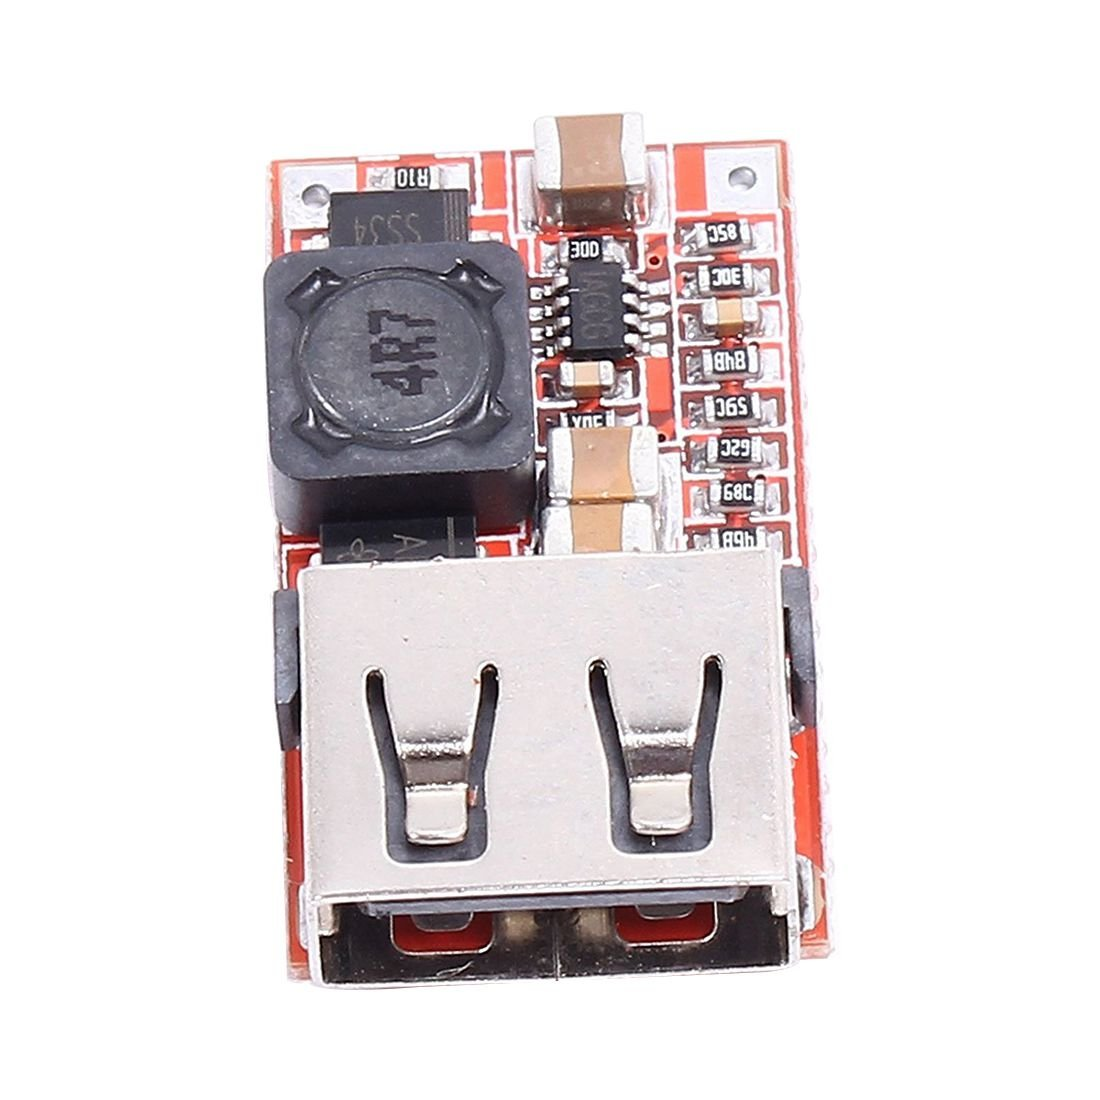 SODIAL(R) 6-24V 12V/24V to 5V 3A Car USB Charger Module DC Buck step down Converter DIY Red